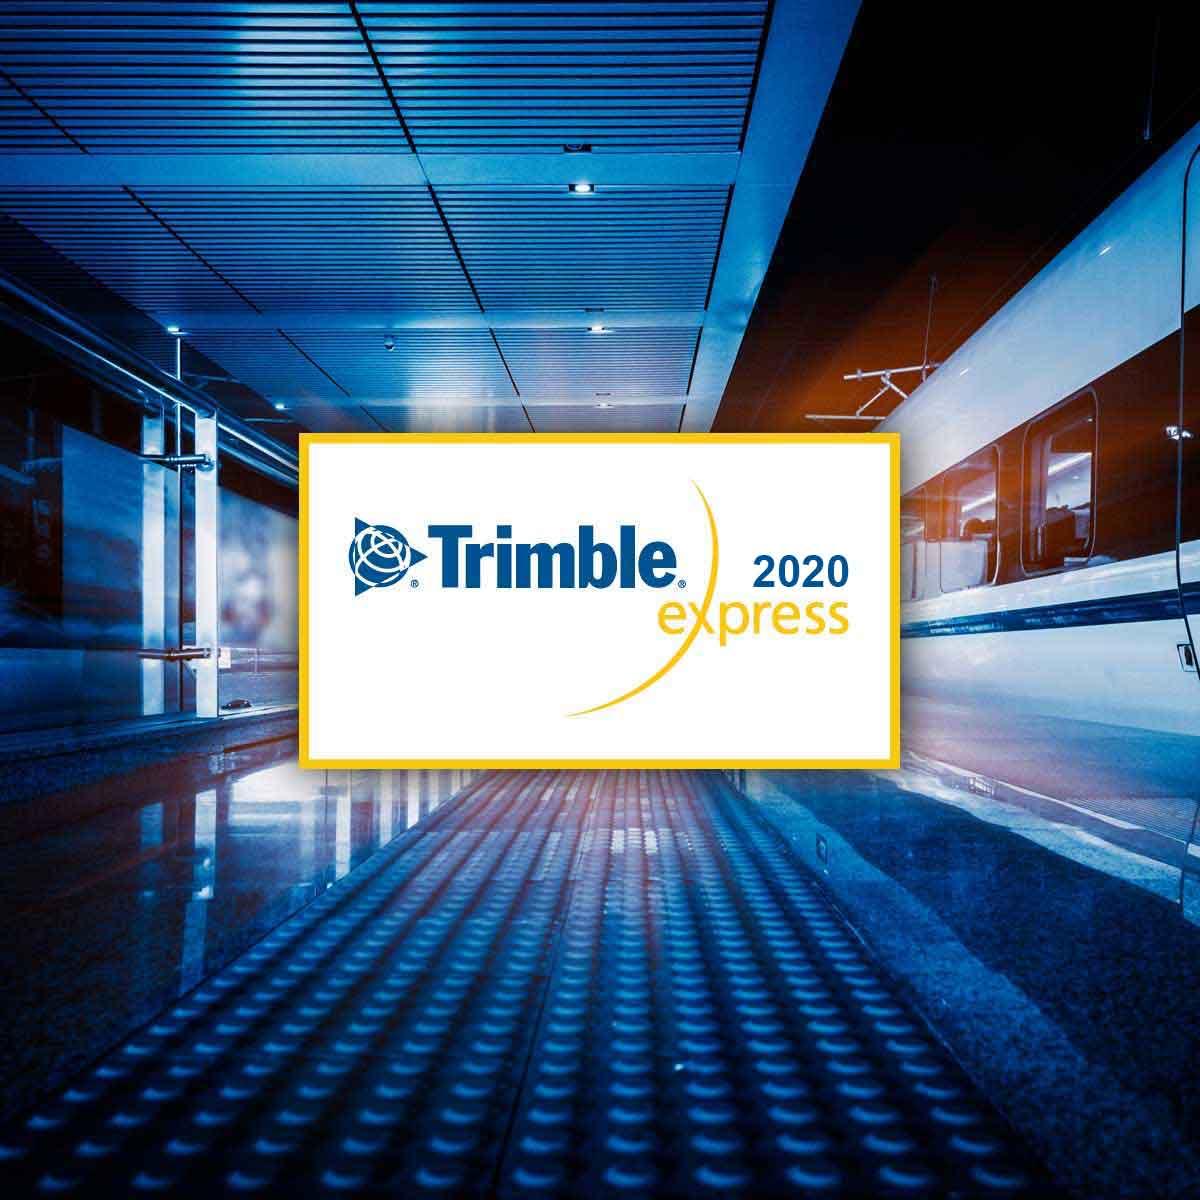 Trimble Express 2020